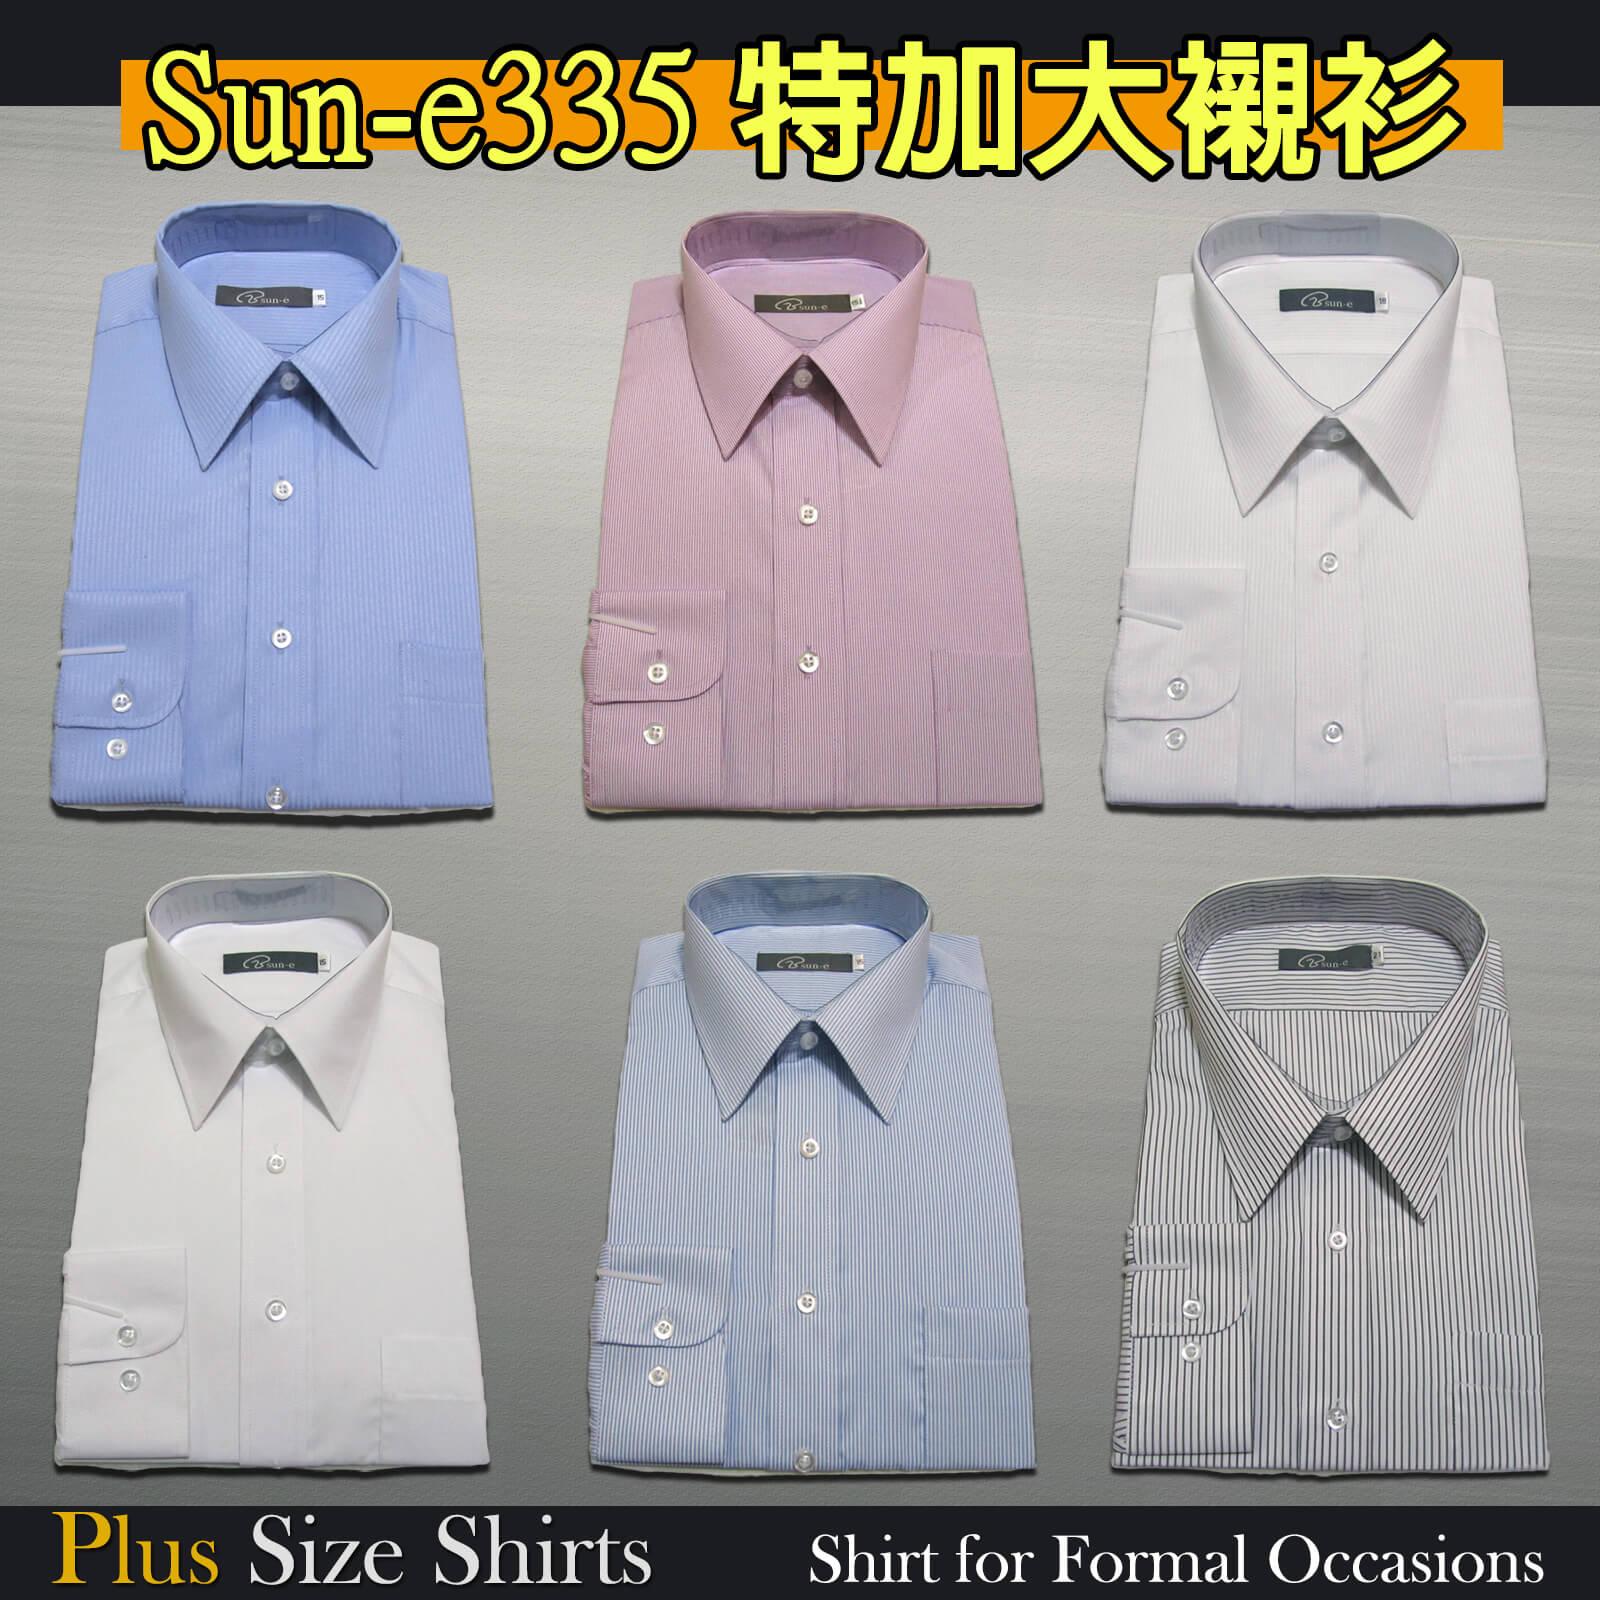 sun-e335特加大尺碼標準襯衫、上班族襯衫、商務襯衫、不皺免燙襯衫、正式場合襯衫、條紋襯衫、素面襯衫(短袖/長袖) 多顏色、樣式可供選擇 尺寸:19、20、21、22(英吋)